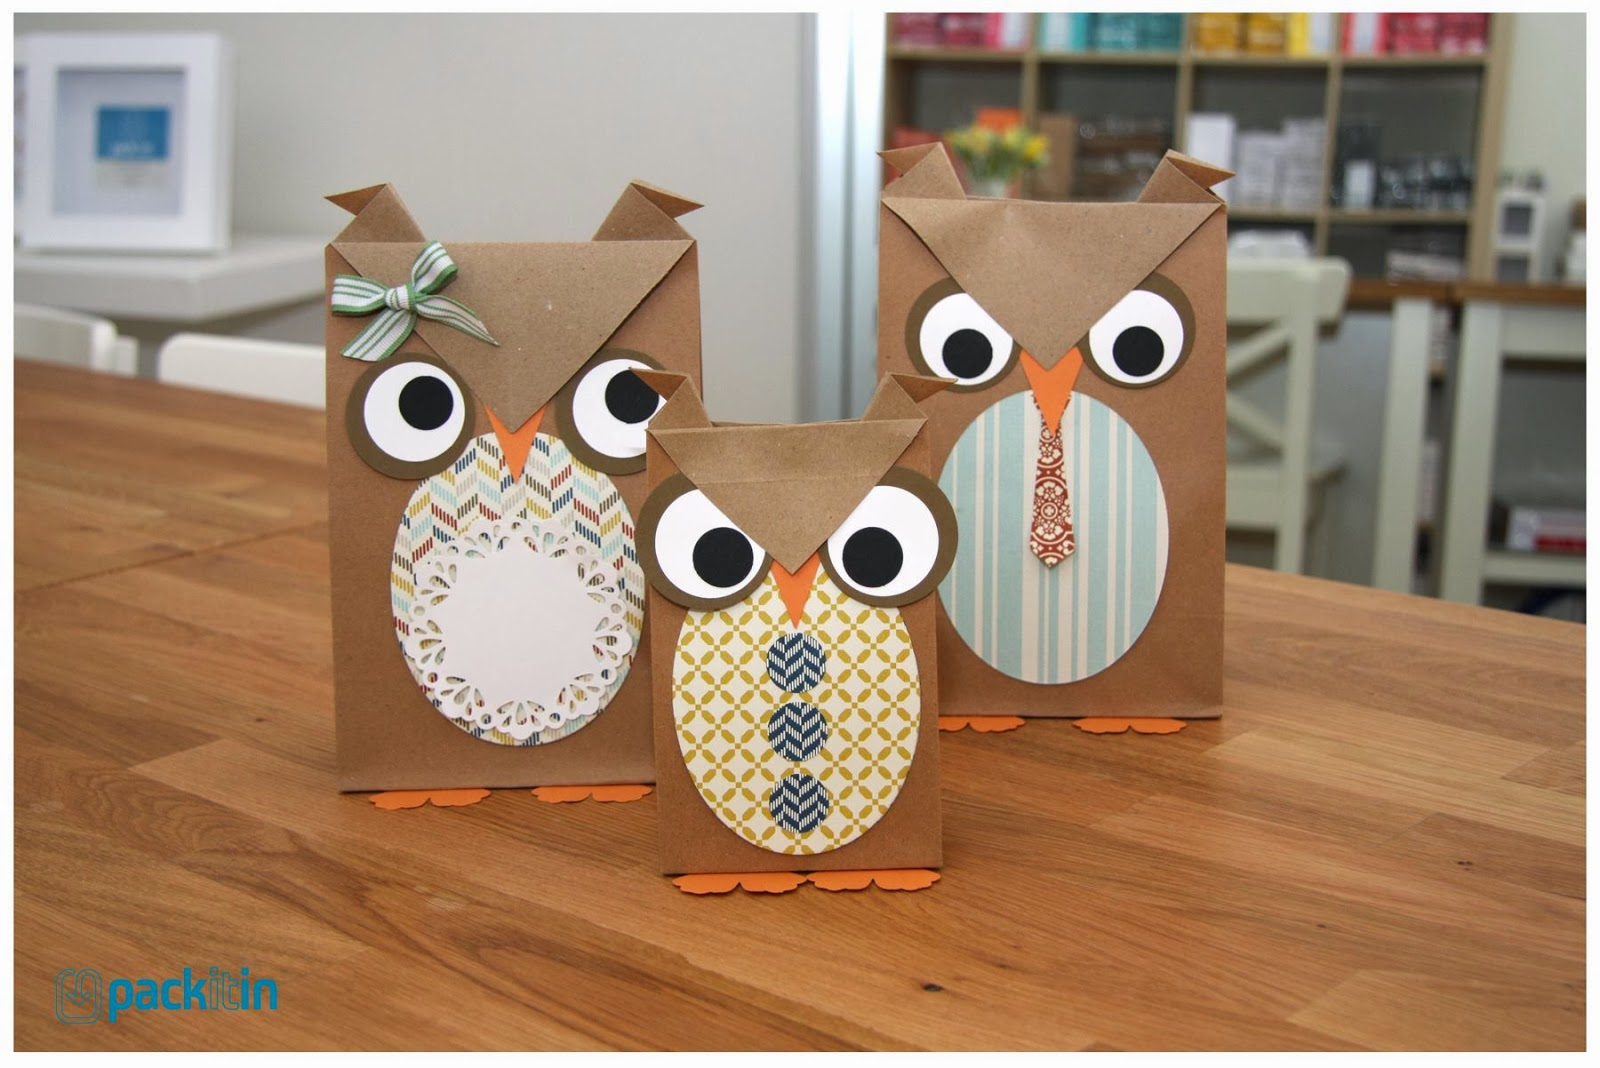 Paper owls crafts images craft decoration ideas owl paper craft gallery craft decoration ideas paper owl crafthubs paper owl craft paper crafts jeuxipadfo jeuxipadfo Choice Image